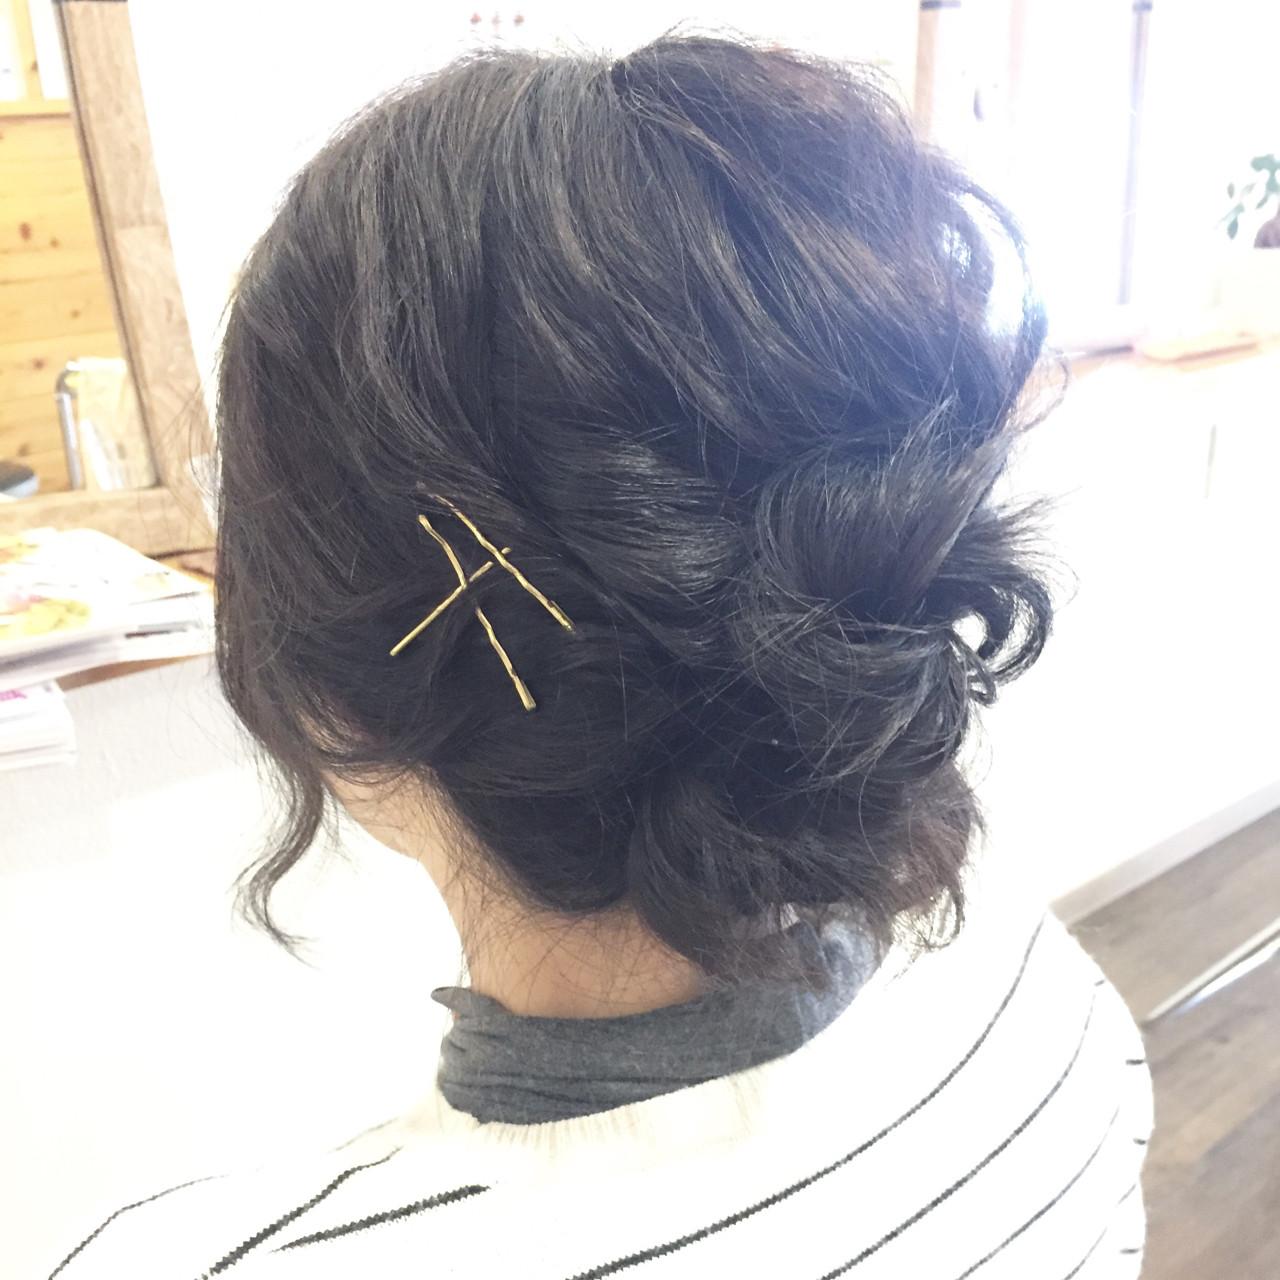 ナチュラル 大人女子 アッシュ お団子 ヘアスタイルや髪型の写真・画像 | manami iwamoto \こあふーるのの / こあふーるのの